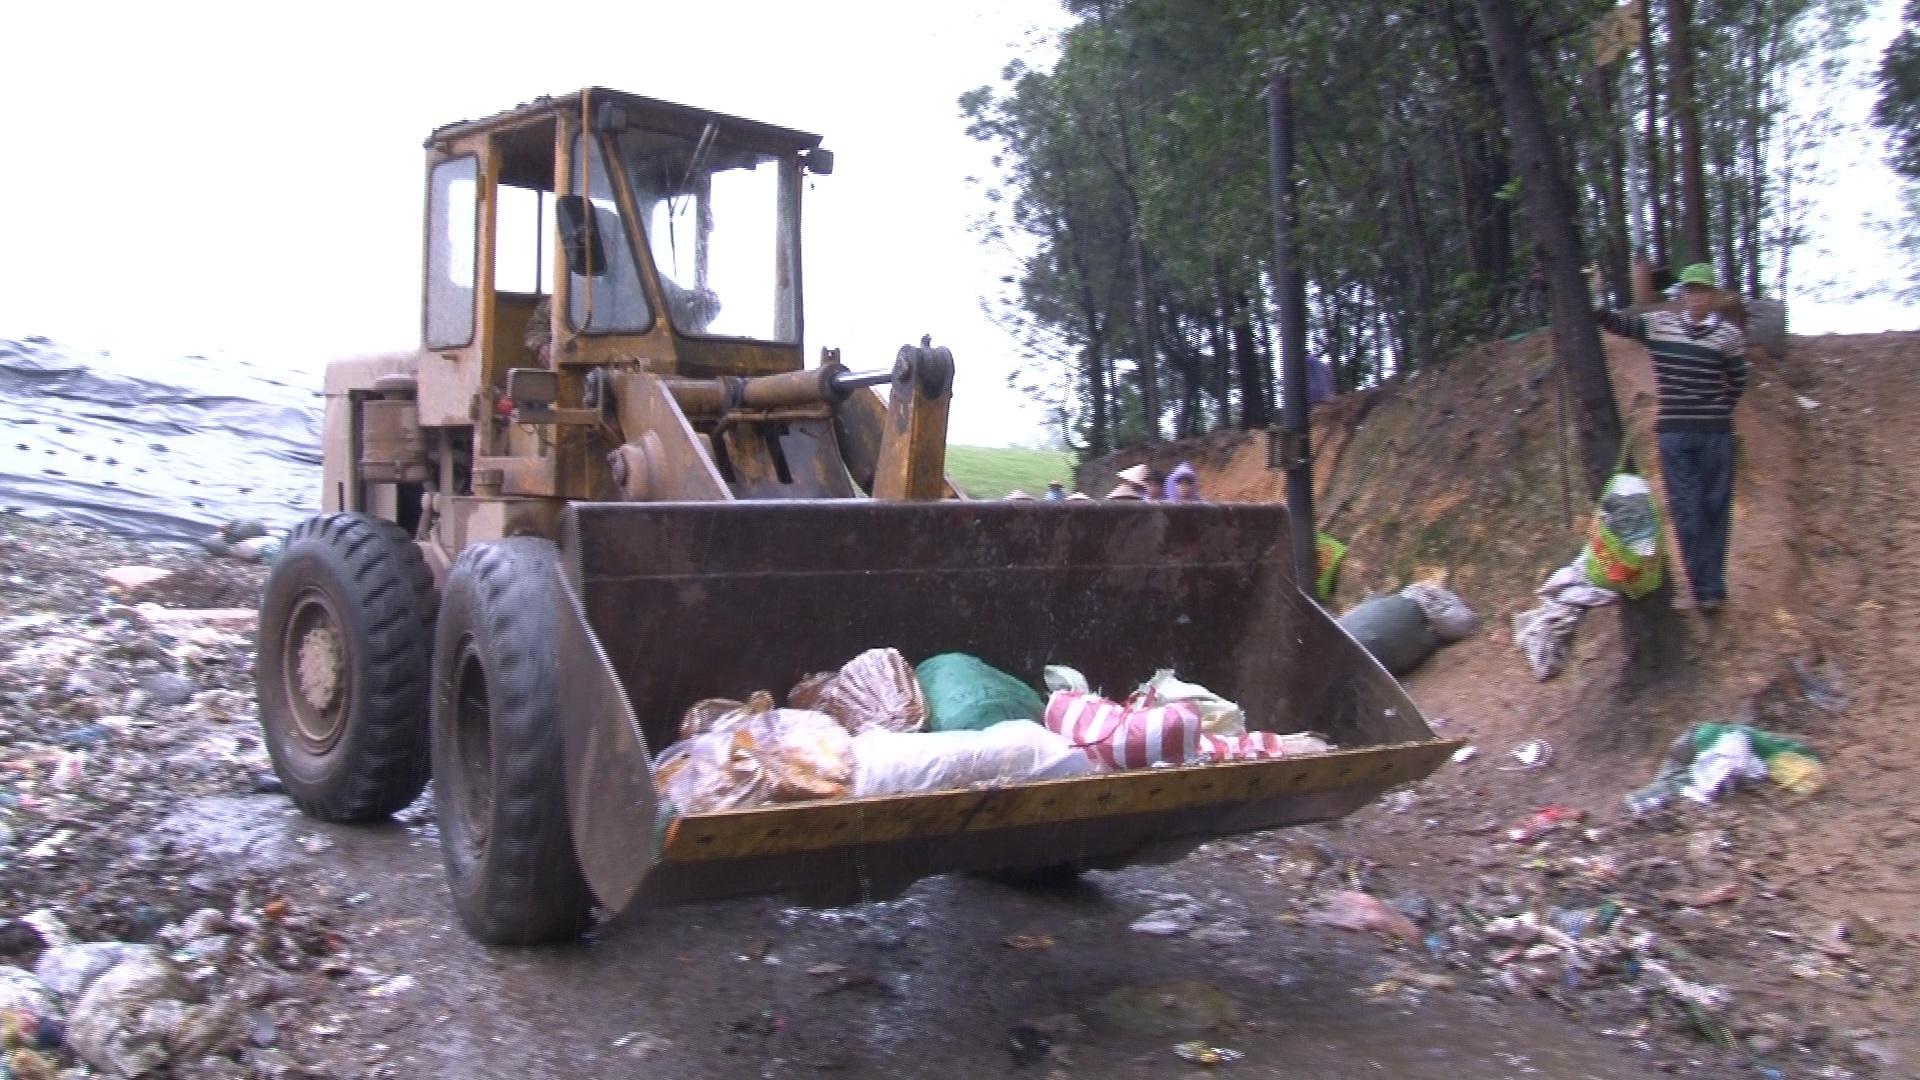 Tiêu hủy hơn 200kg thực phẩm bẩn tại nhà máy xử lý rác Thủy Phương